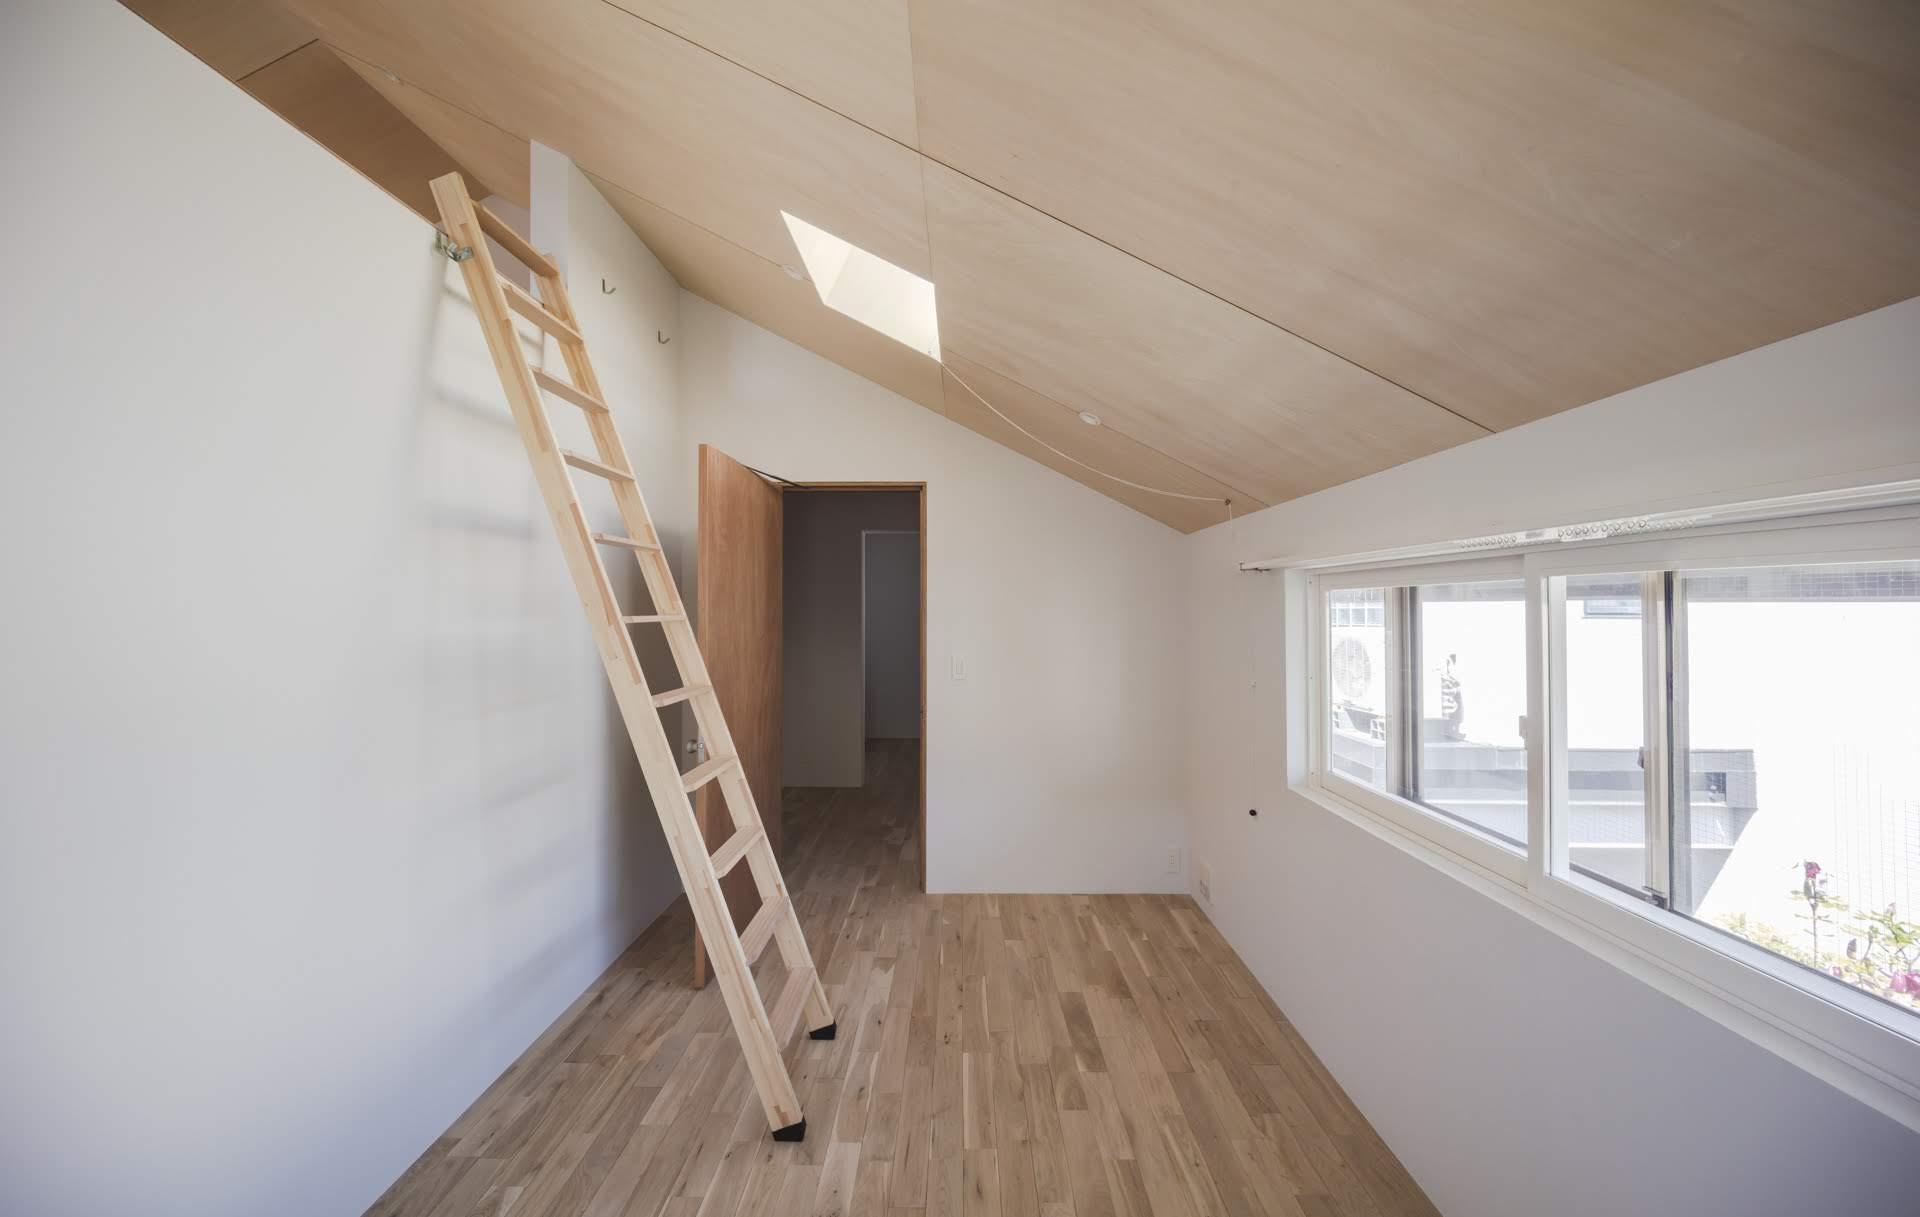 2階の個室的な寝室からはロフトに上がれます(撮影:高橋菜生)